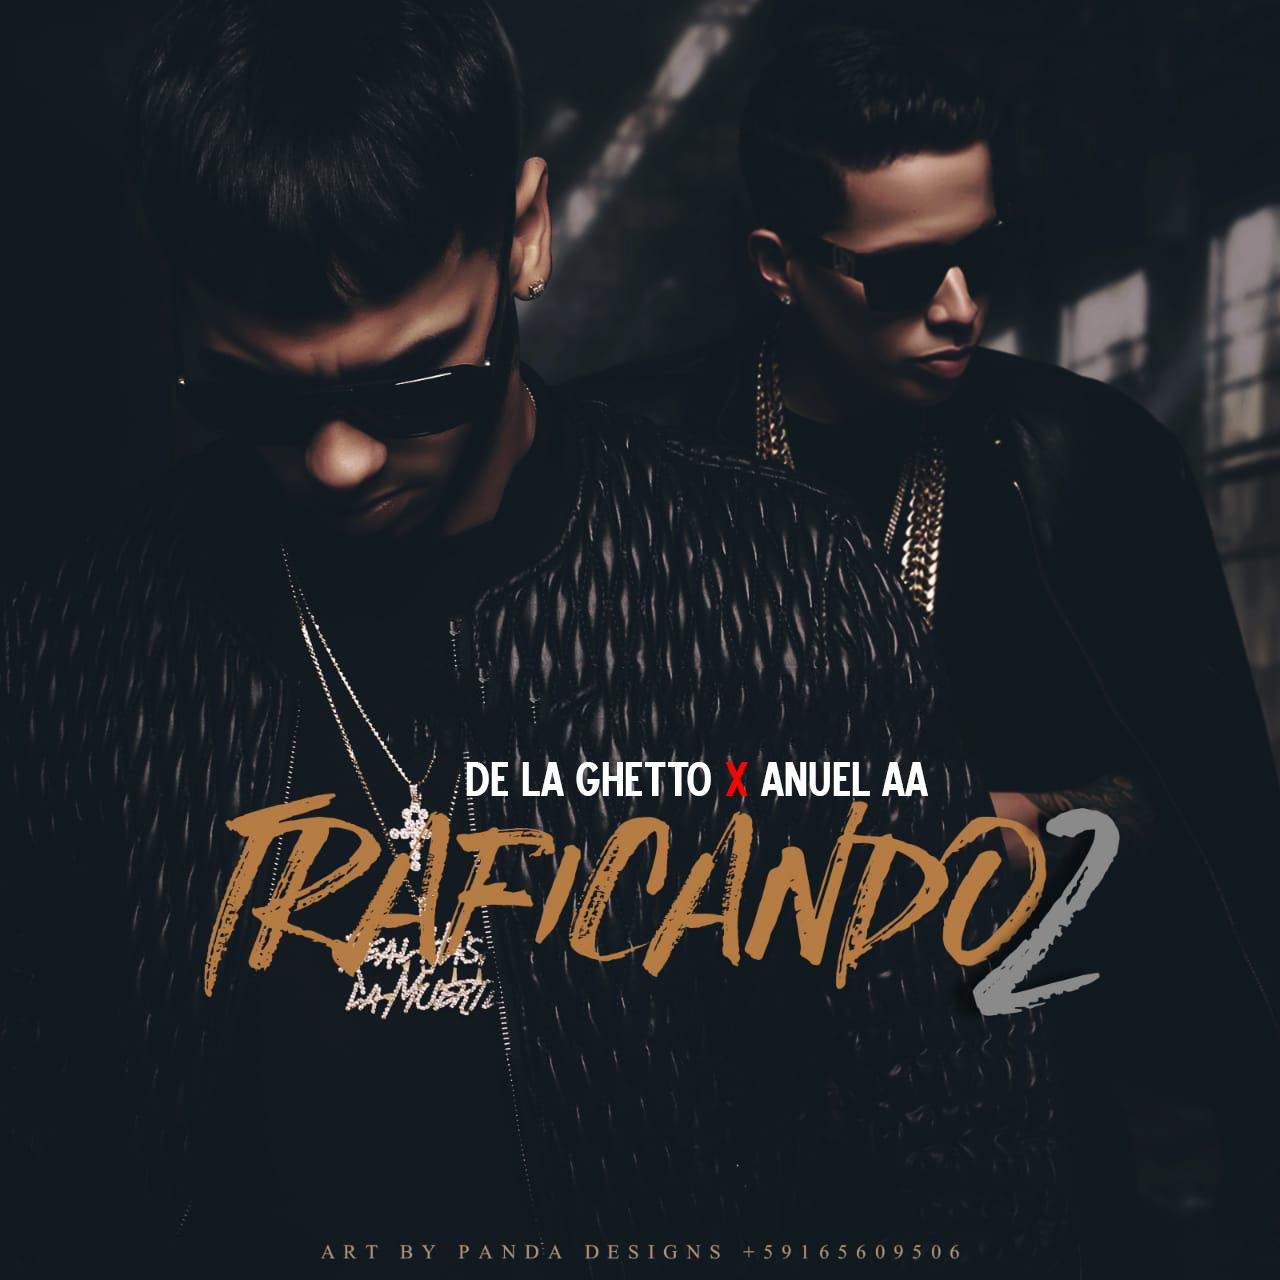 trafi - De La Ghetto, Anuel AA - Traficando 2